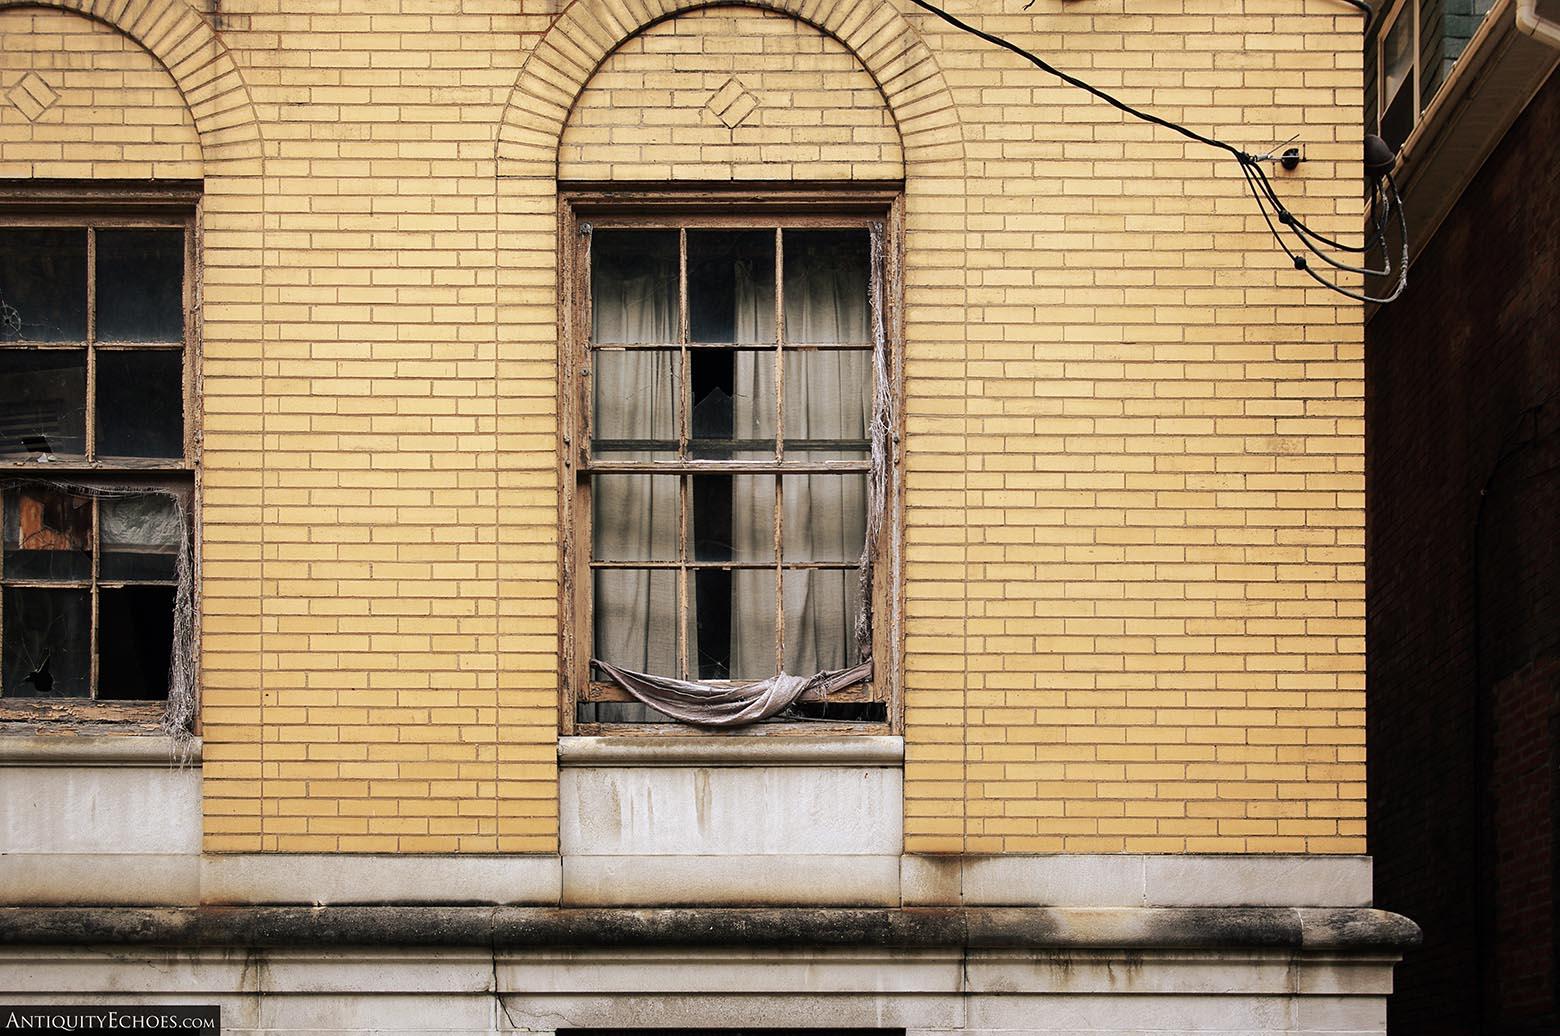 Brownsville General Hospital - Curtains Still Hang